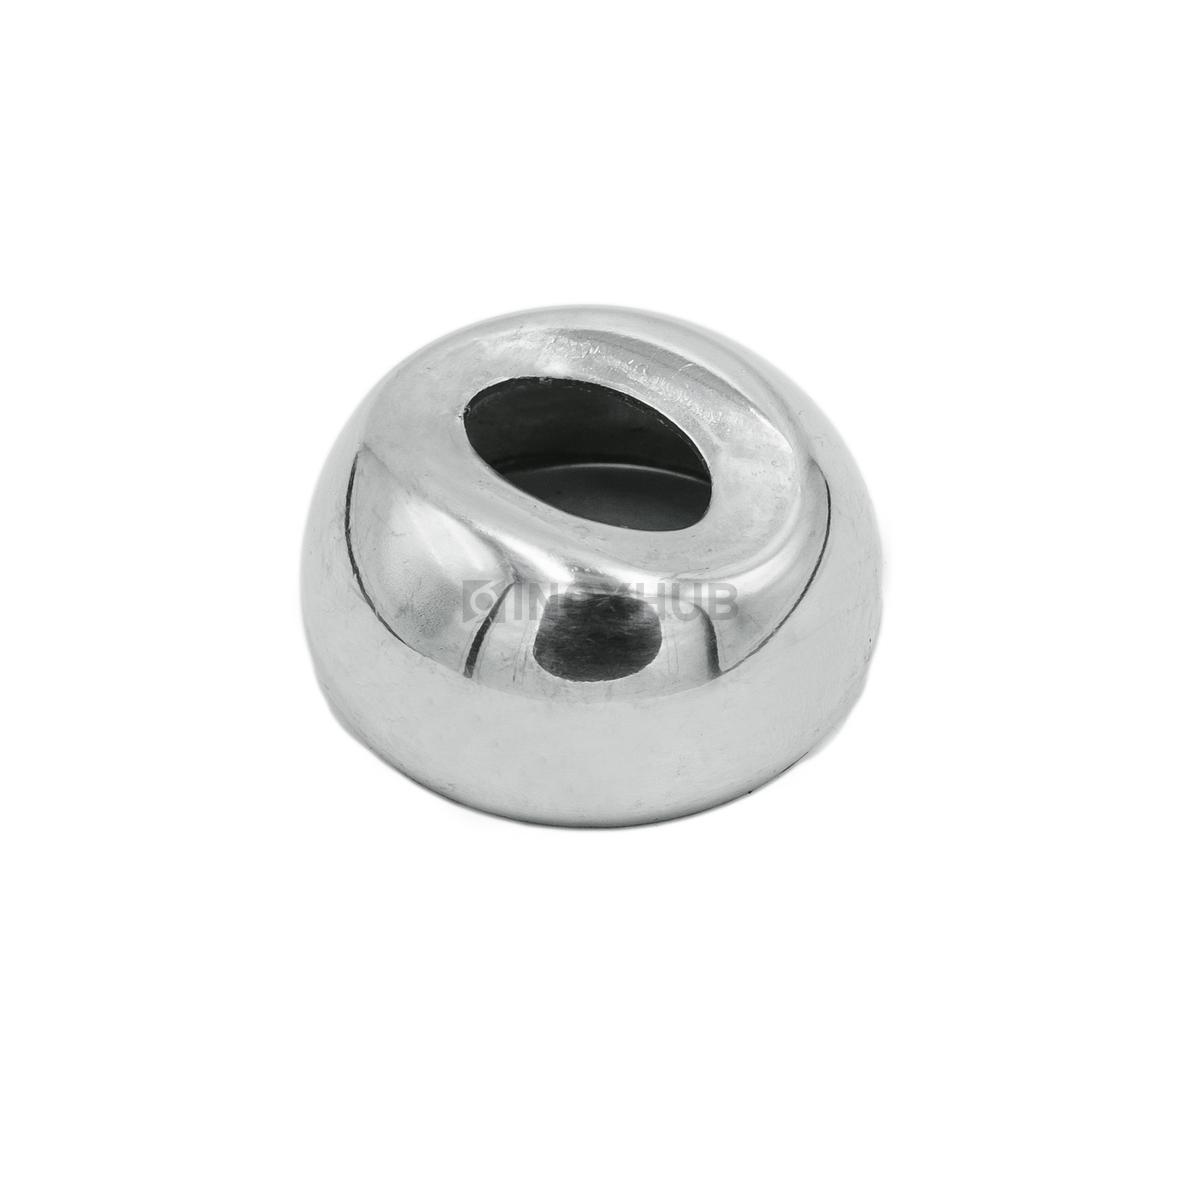 Соединение поручня со стойкой штамп. под 90°, Ø50.8 мм, AISI 304, GRIT 600